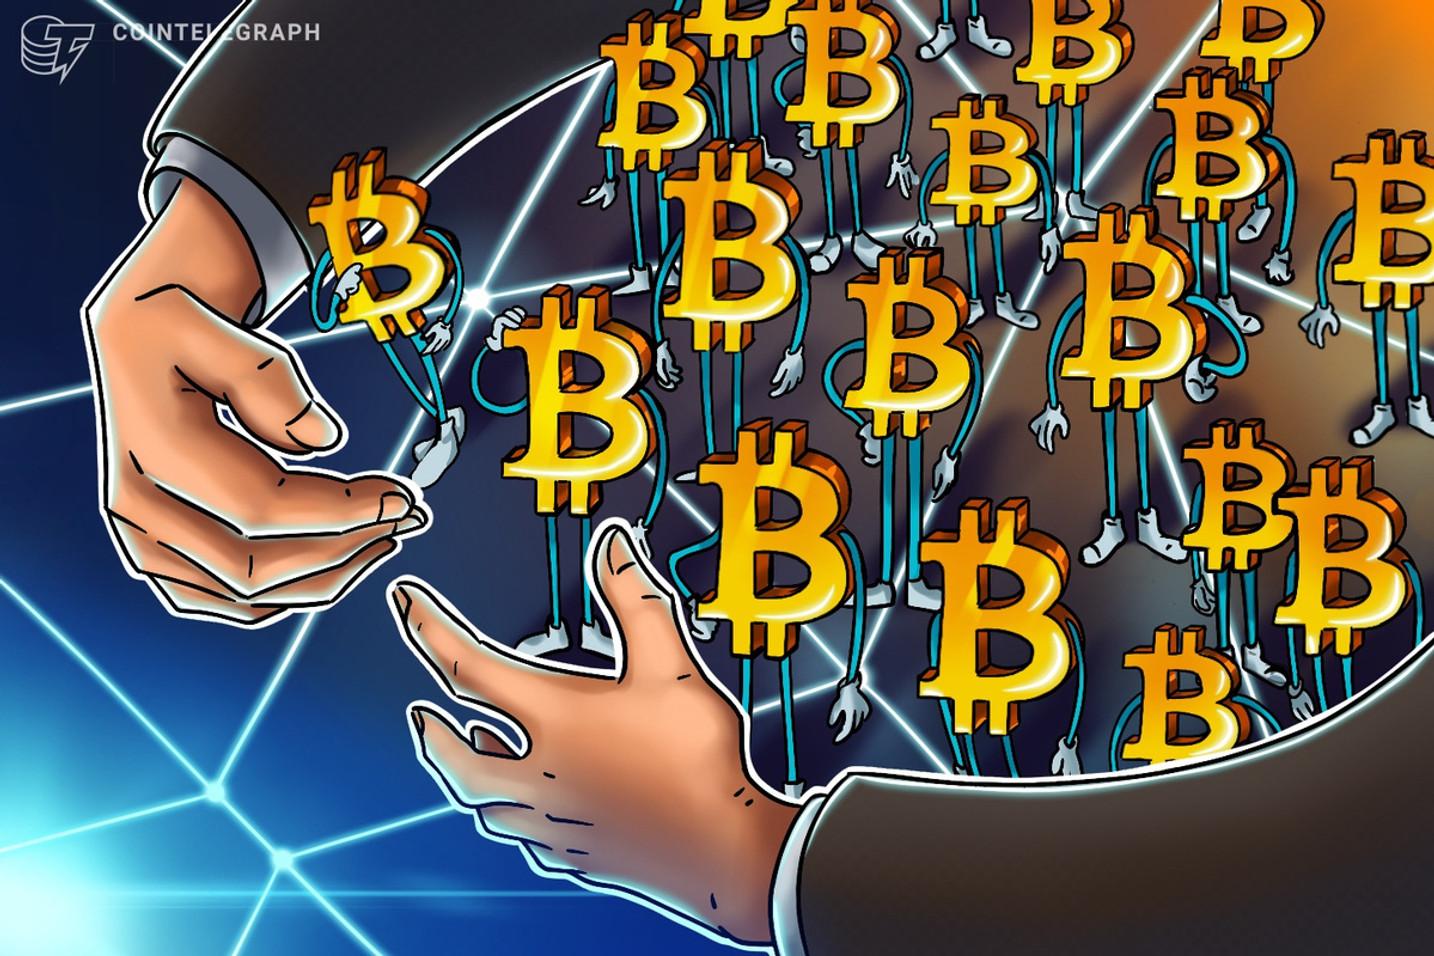 香港企業Meitu、1000万ドル分のビットコインを追加購入 | 保有仮想通貨を計1億ドルに